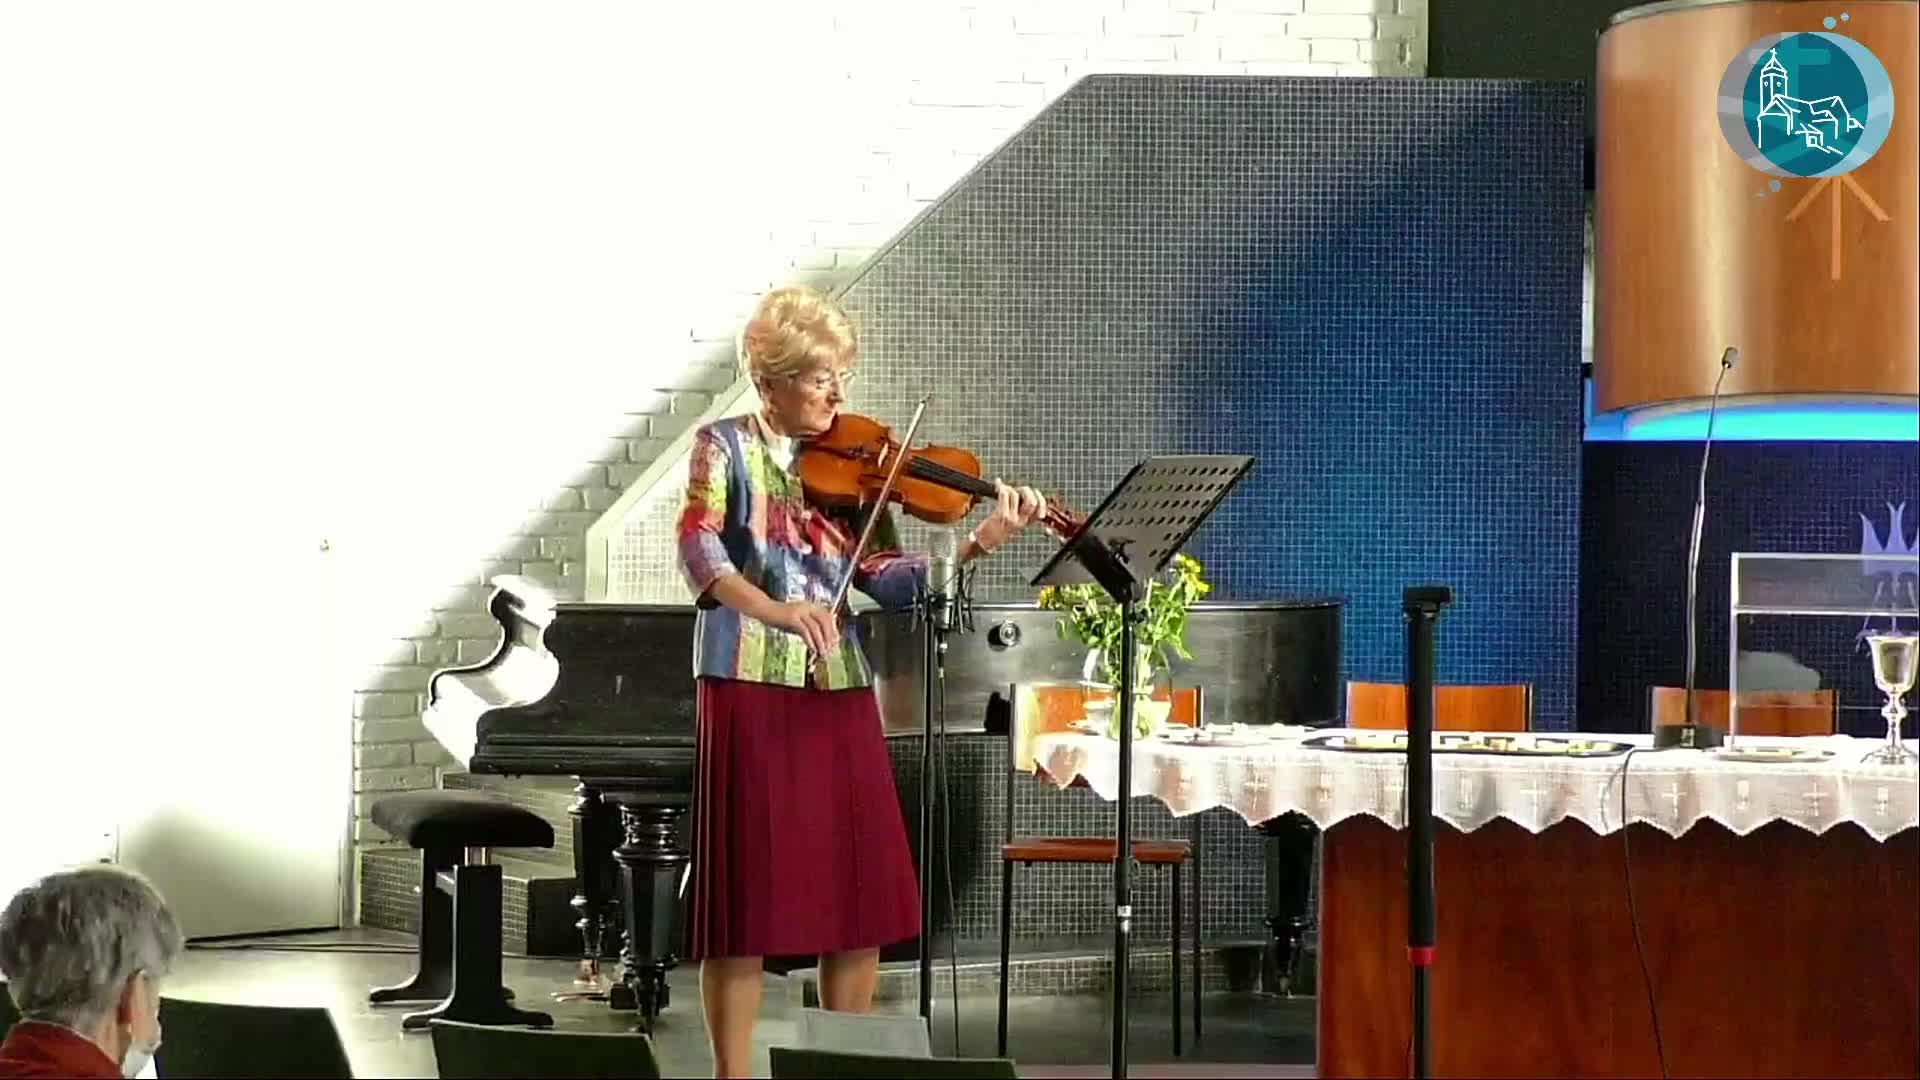 Gottesdienst (mit Abendmahl)  am 4. Oktober (Erntedank) - Livestream aus der Christuskirche Altona on 04-Oct-20-09:24:02